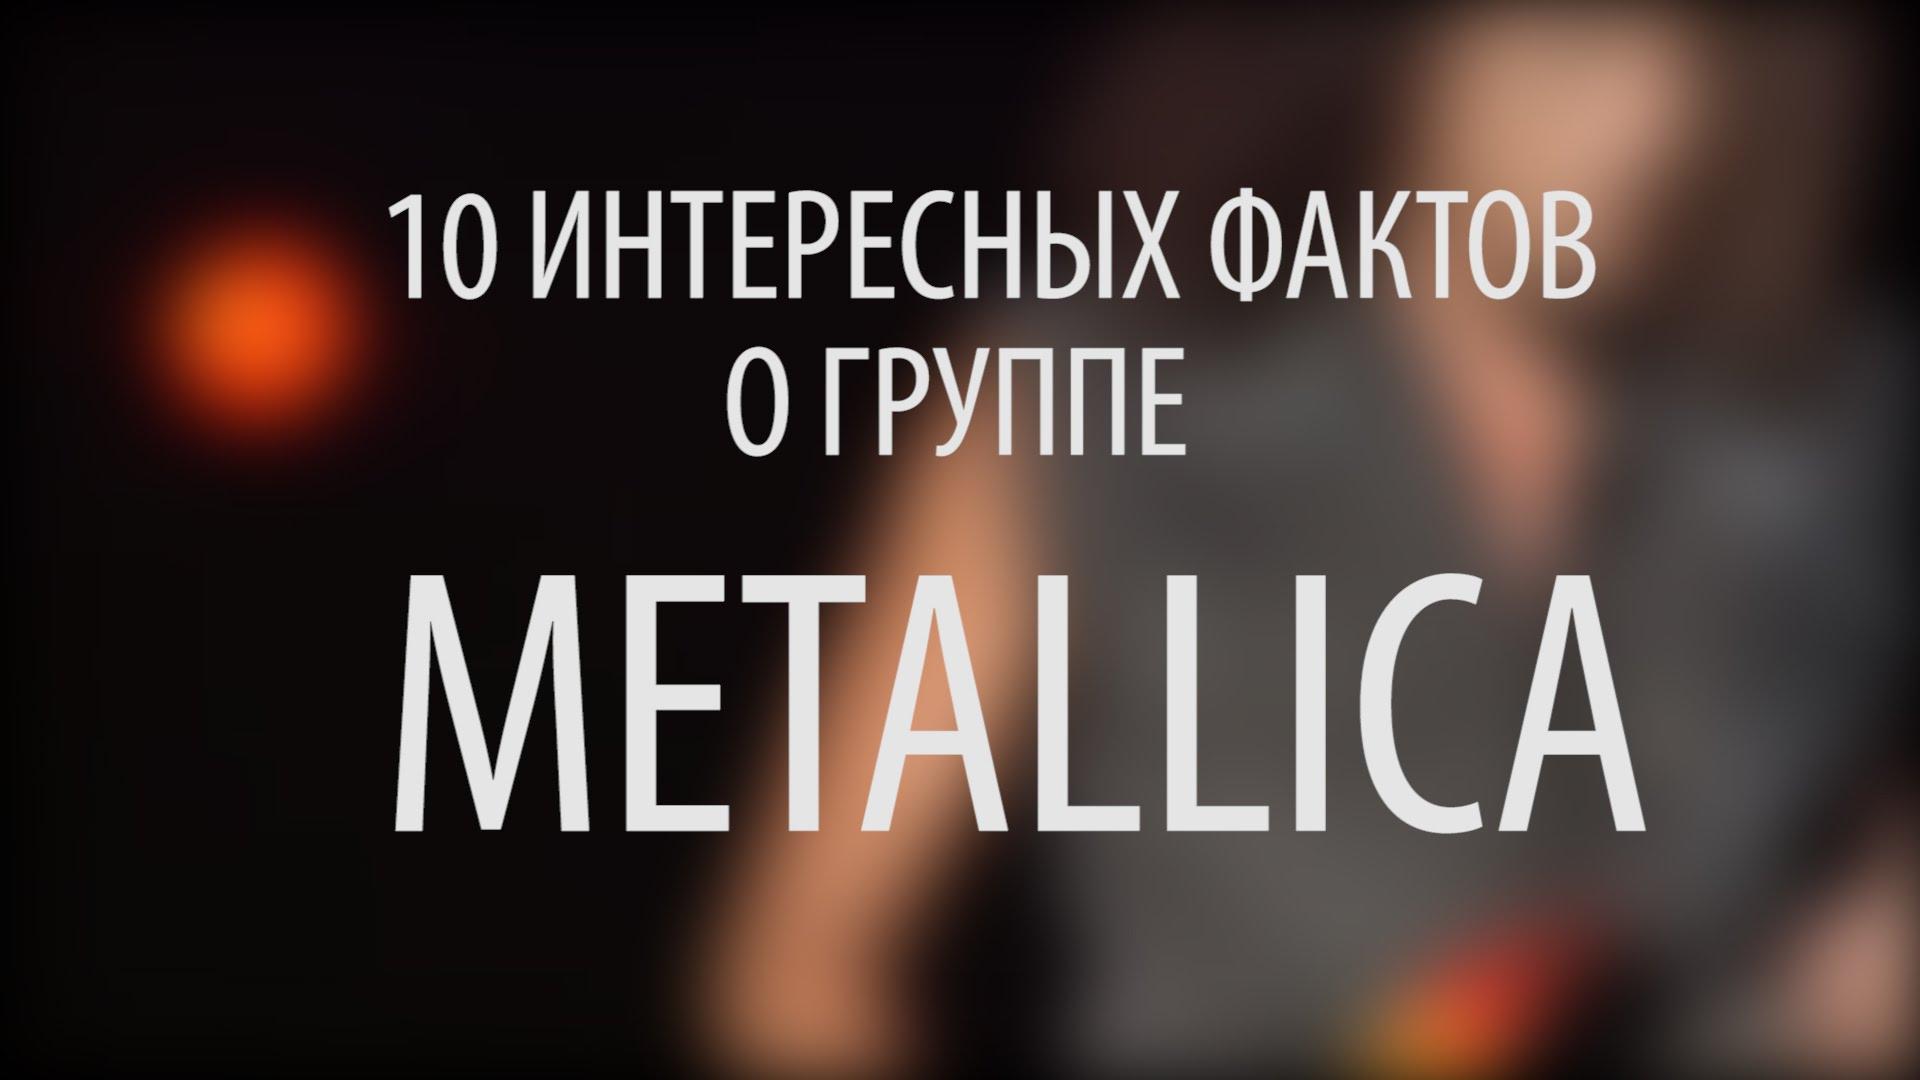 10 ИНТЕРЕСНЫХ ФАКТОВ О ГРУППЕ METALLICA